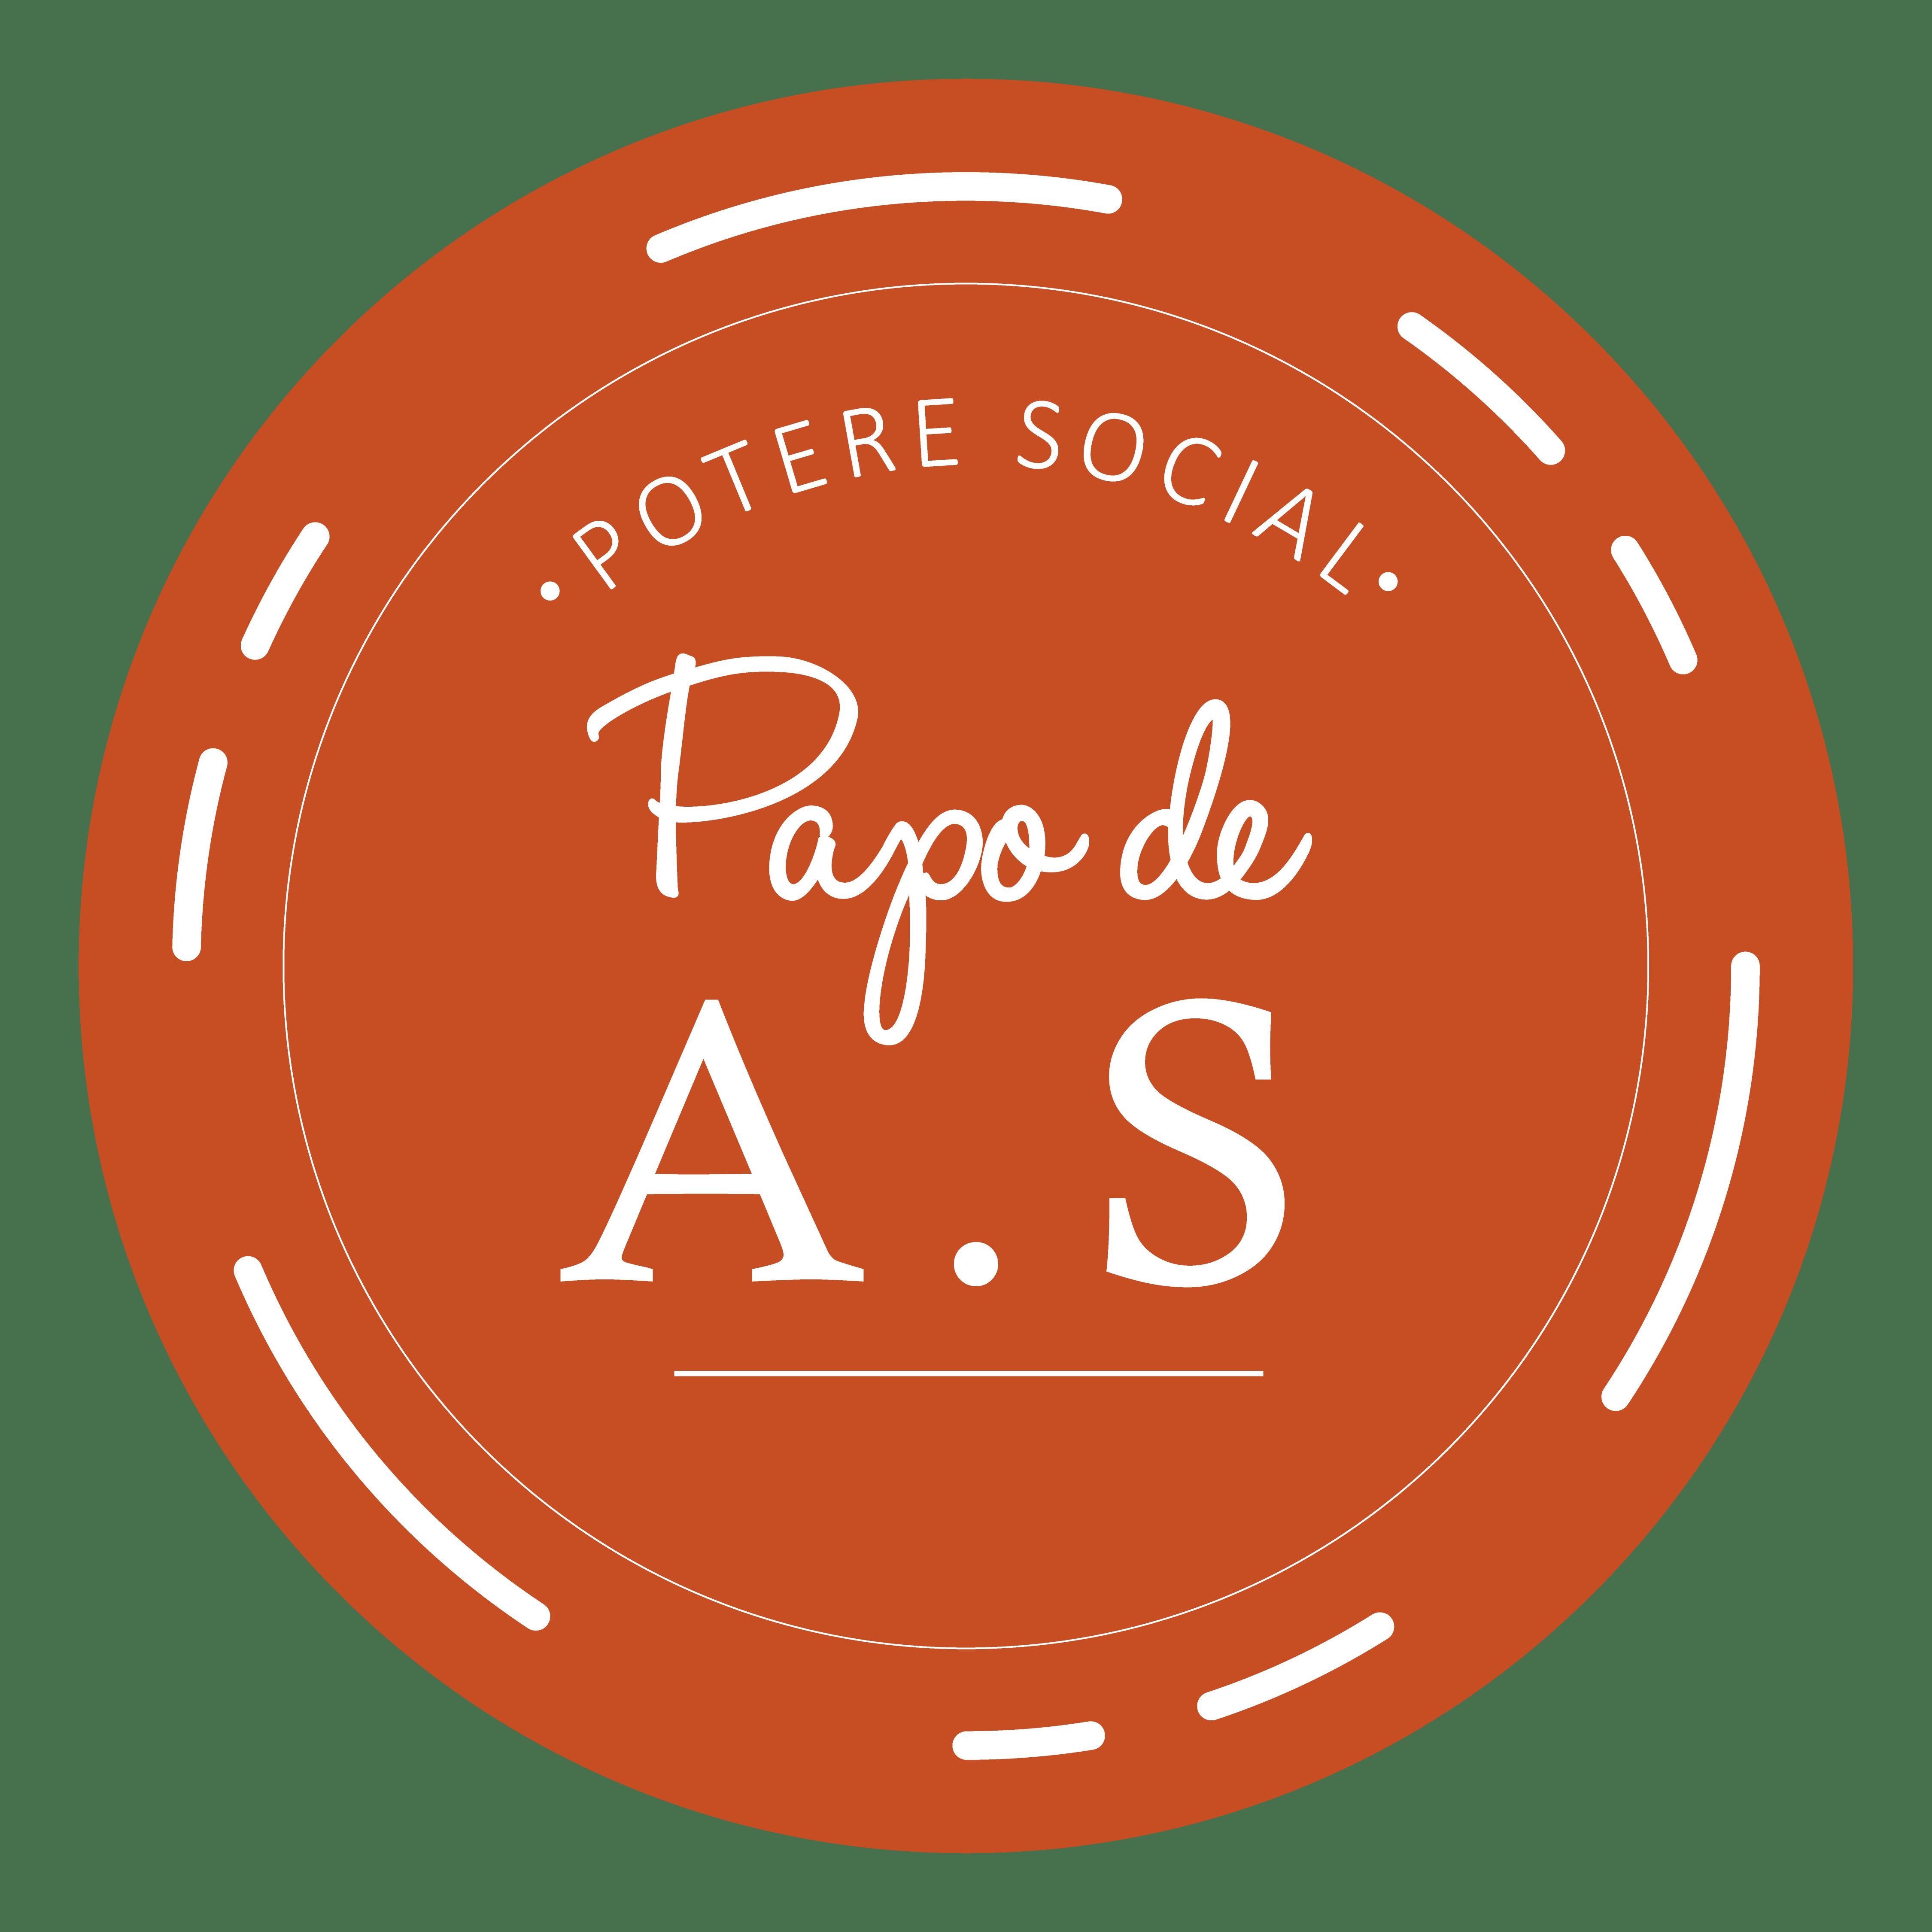 papo_Prancheta 1